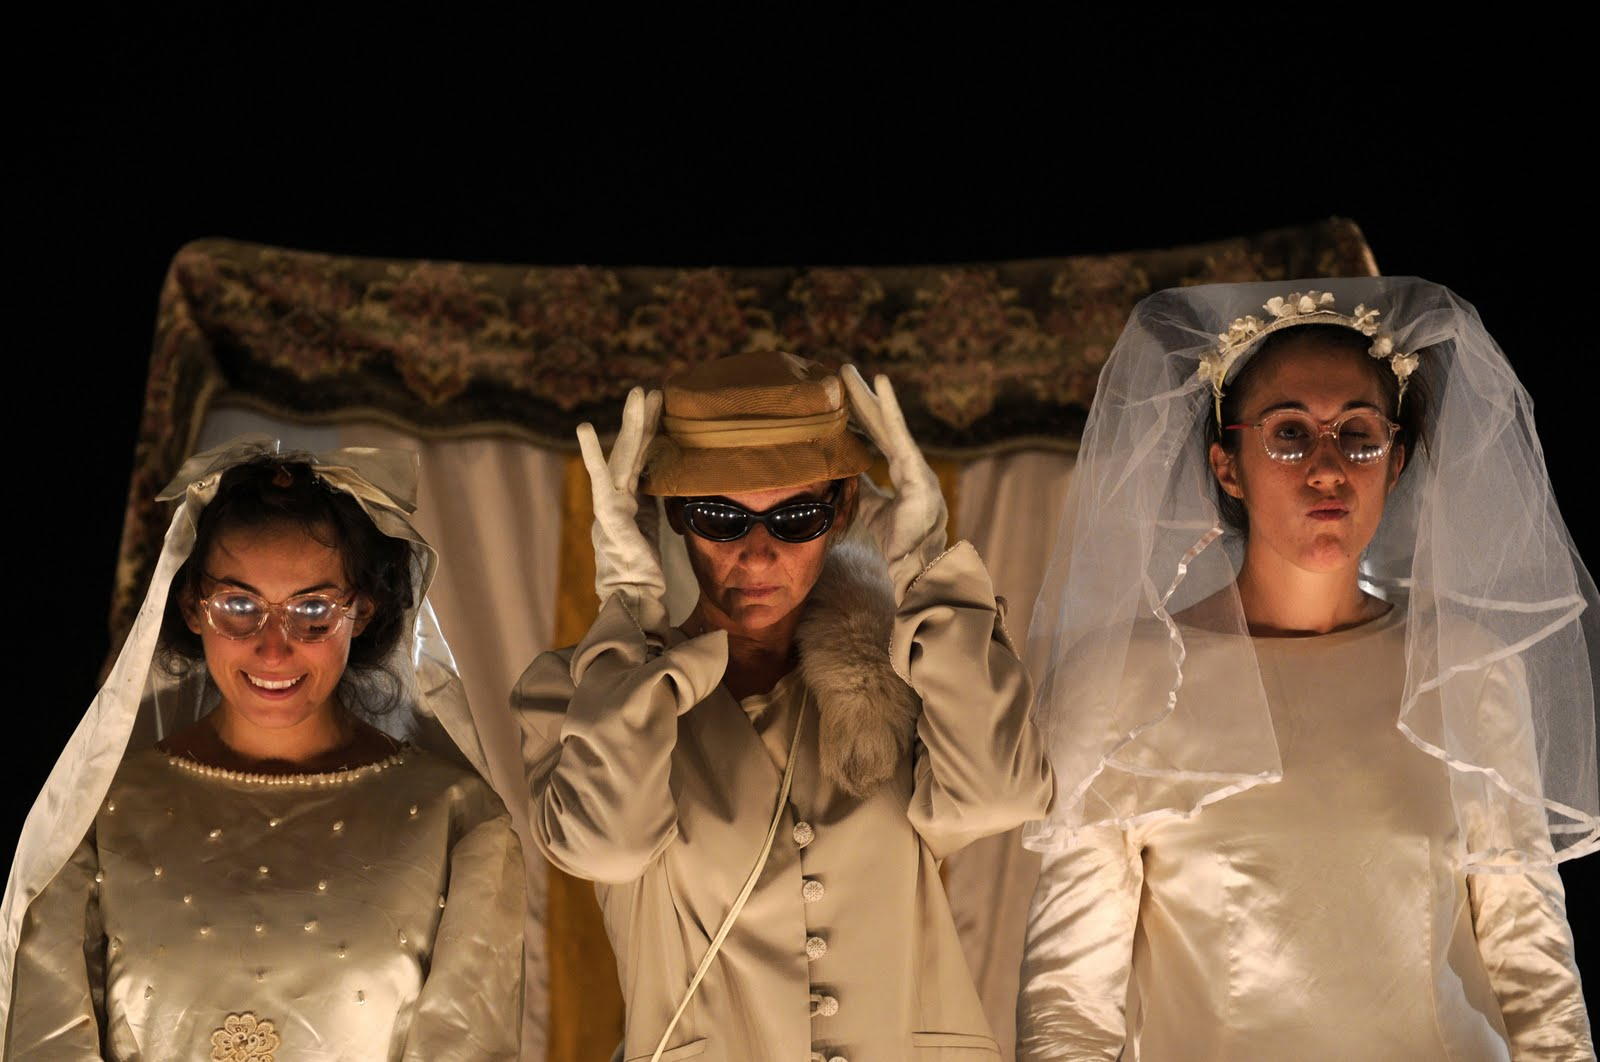 Anastasia, Genoveffa e Cenerentola, foto di scena di Carmine Maringola (2010)